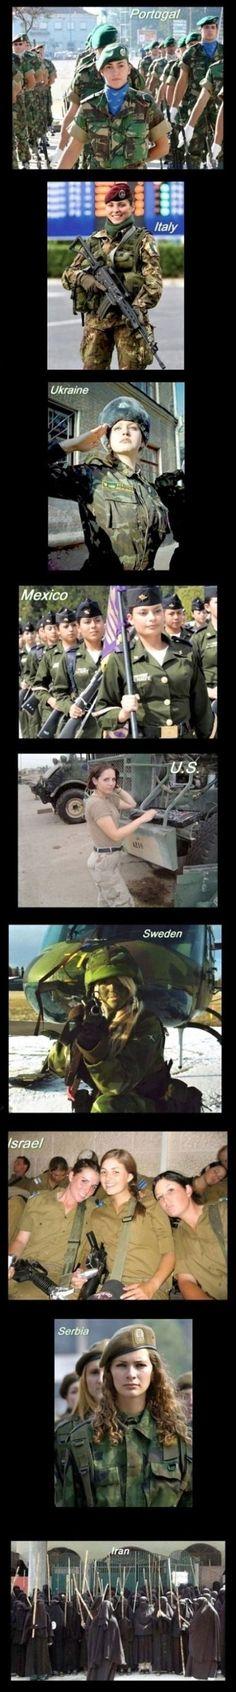 mujeres ejércitos